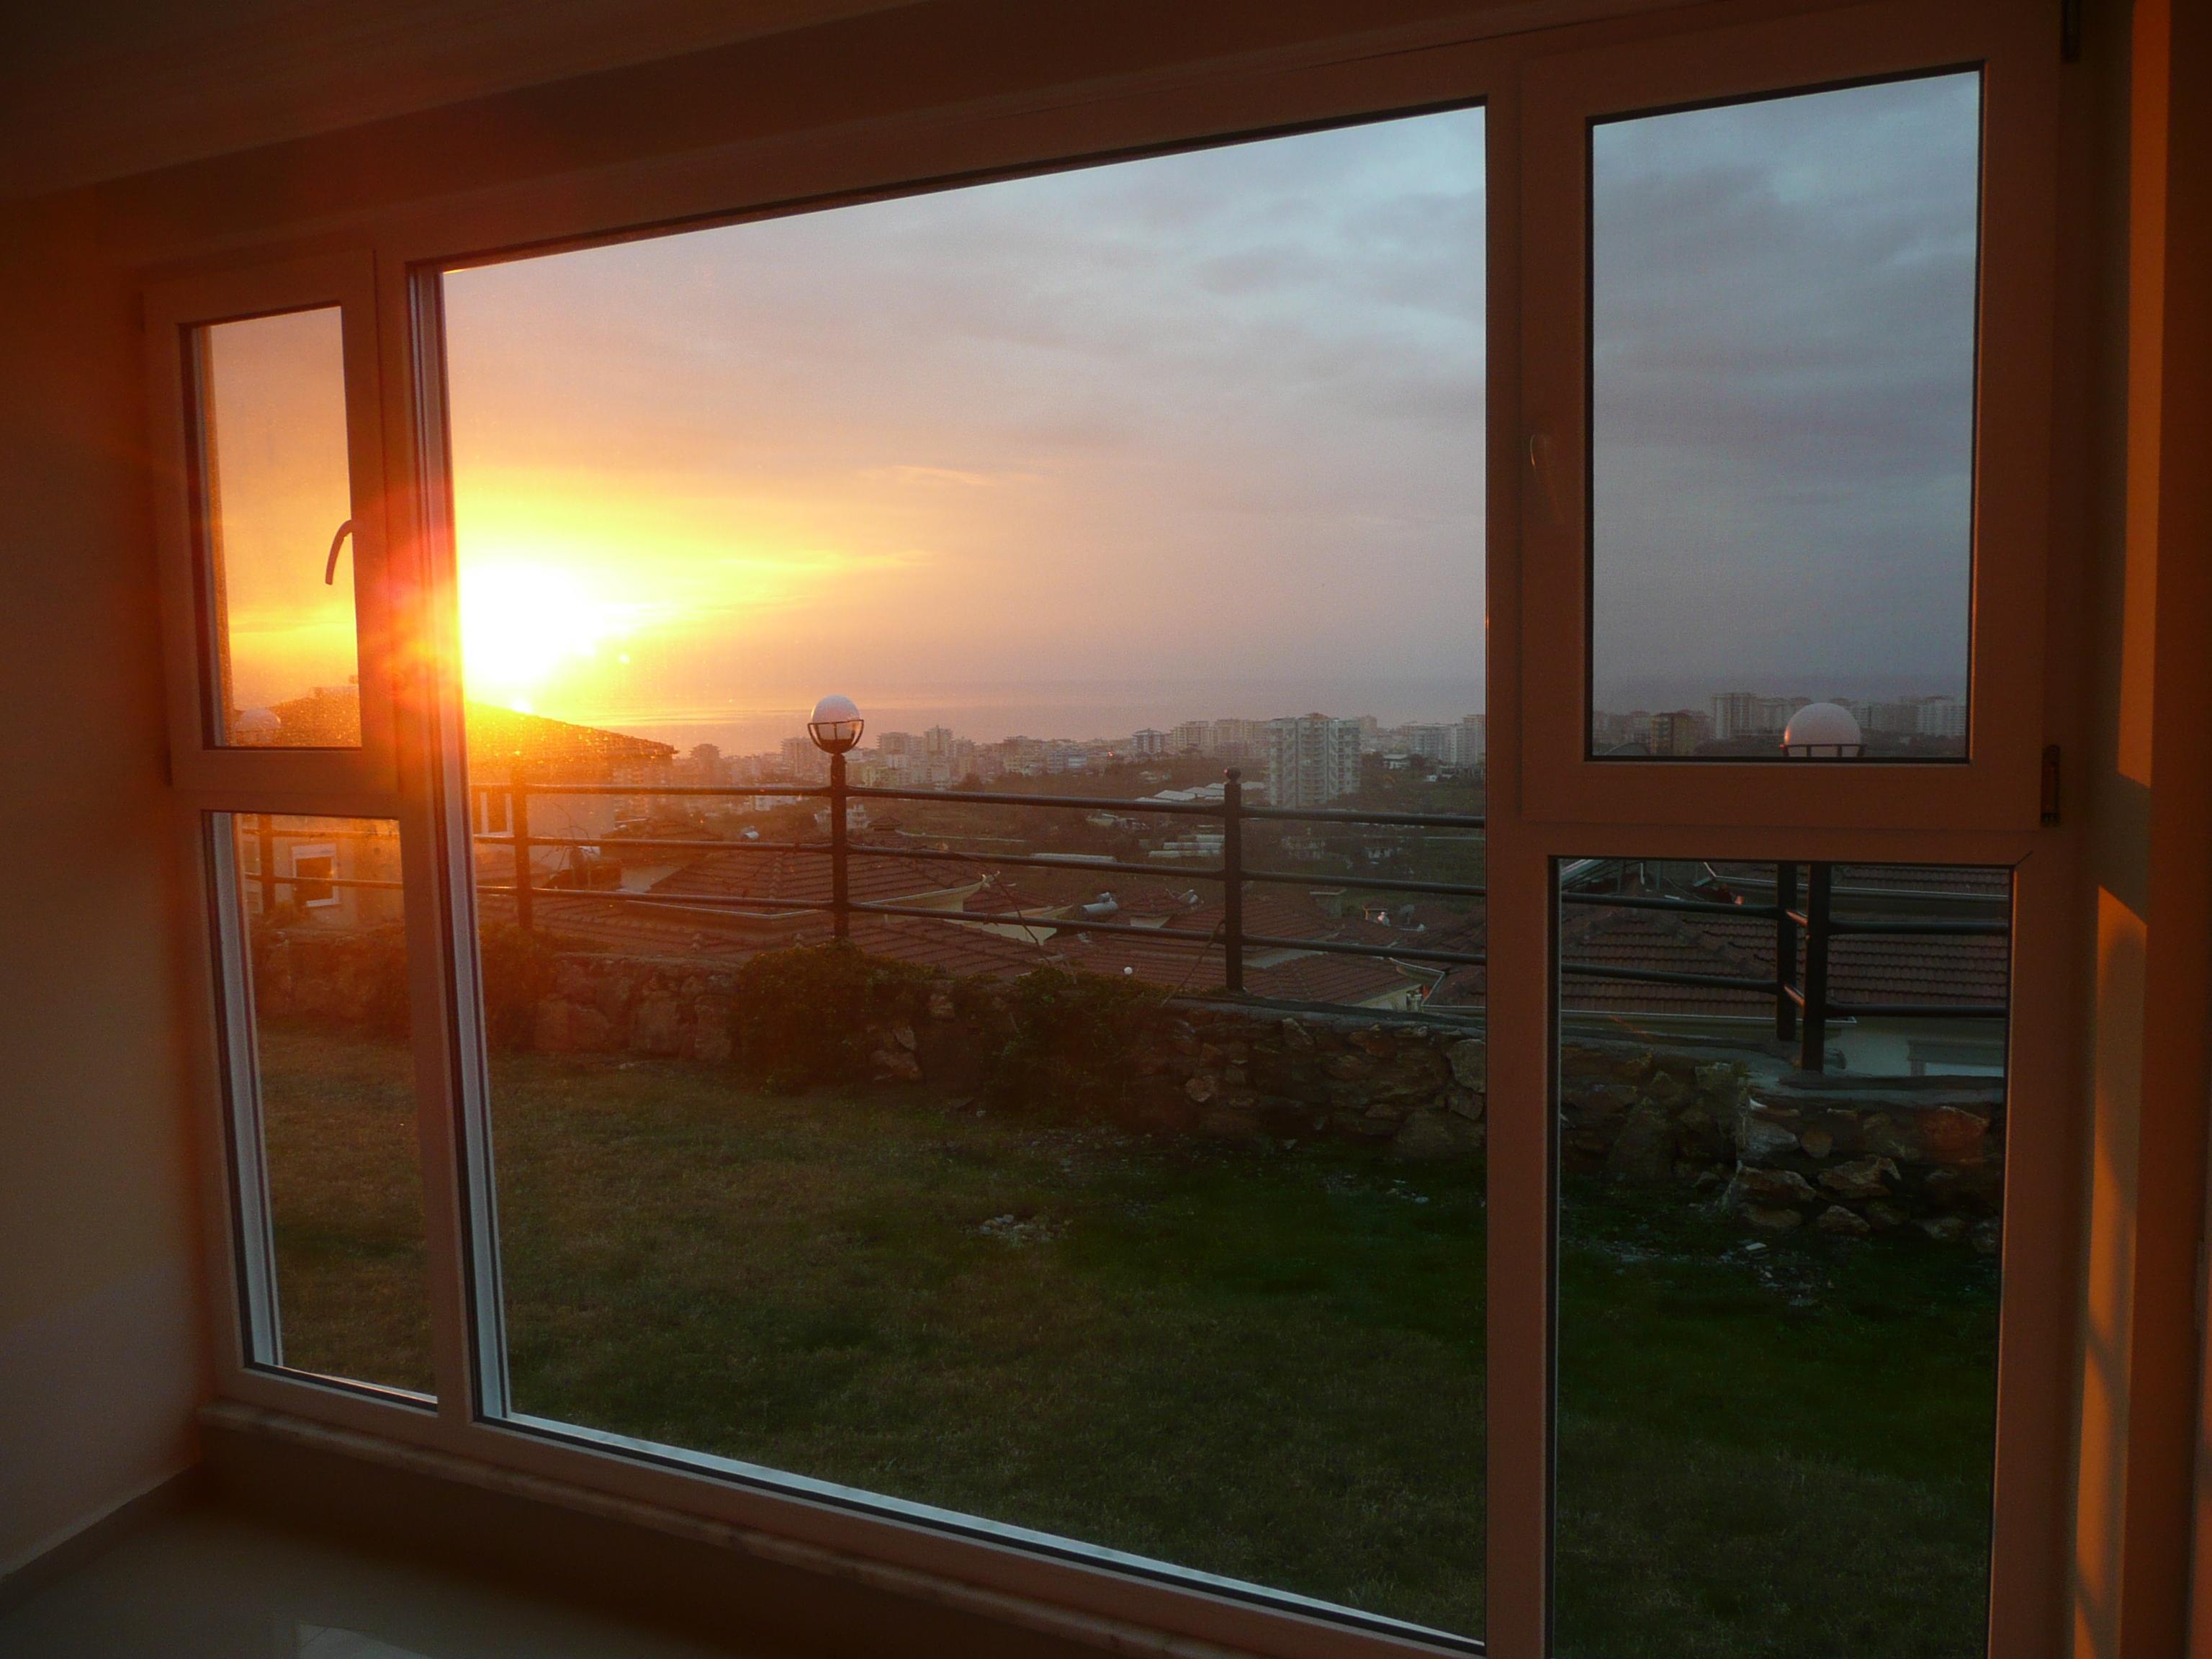 3-Zimmer-Golf-Apartment an der türkischen Riviera! Direkt neben dem Goldcity Tourism Complex, Alanya/Kargicak Die Wohnung ist die letzte Wohnung einer Hausgruppe. Sie liegt idyllisch im hauseigenen Garten. Sie schauen aus Ihrem Panoramafenster –...